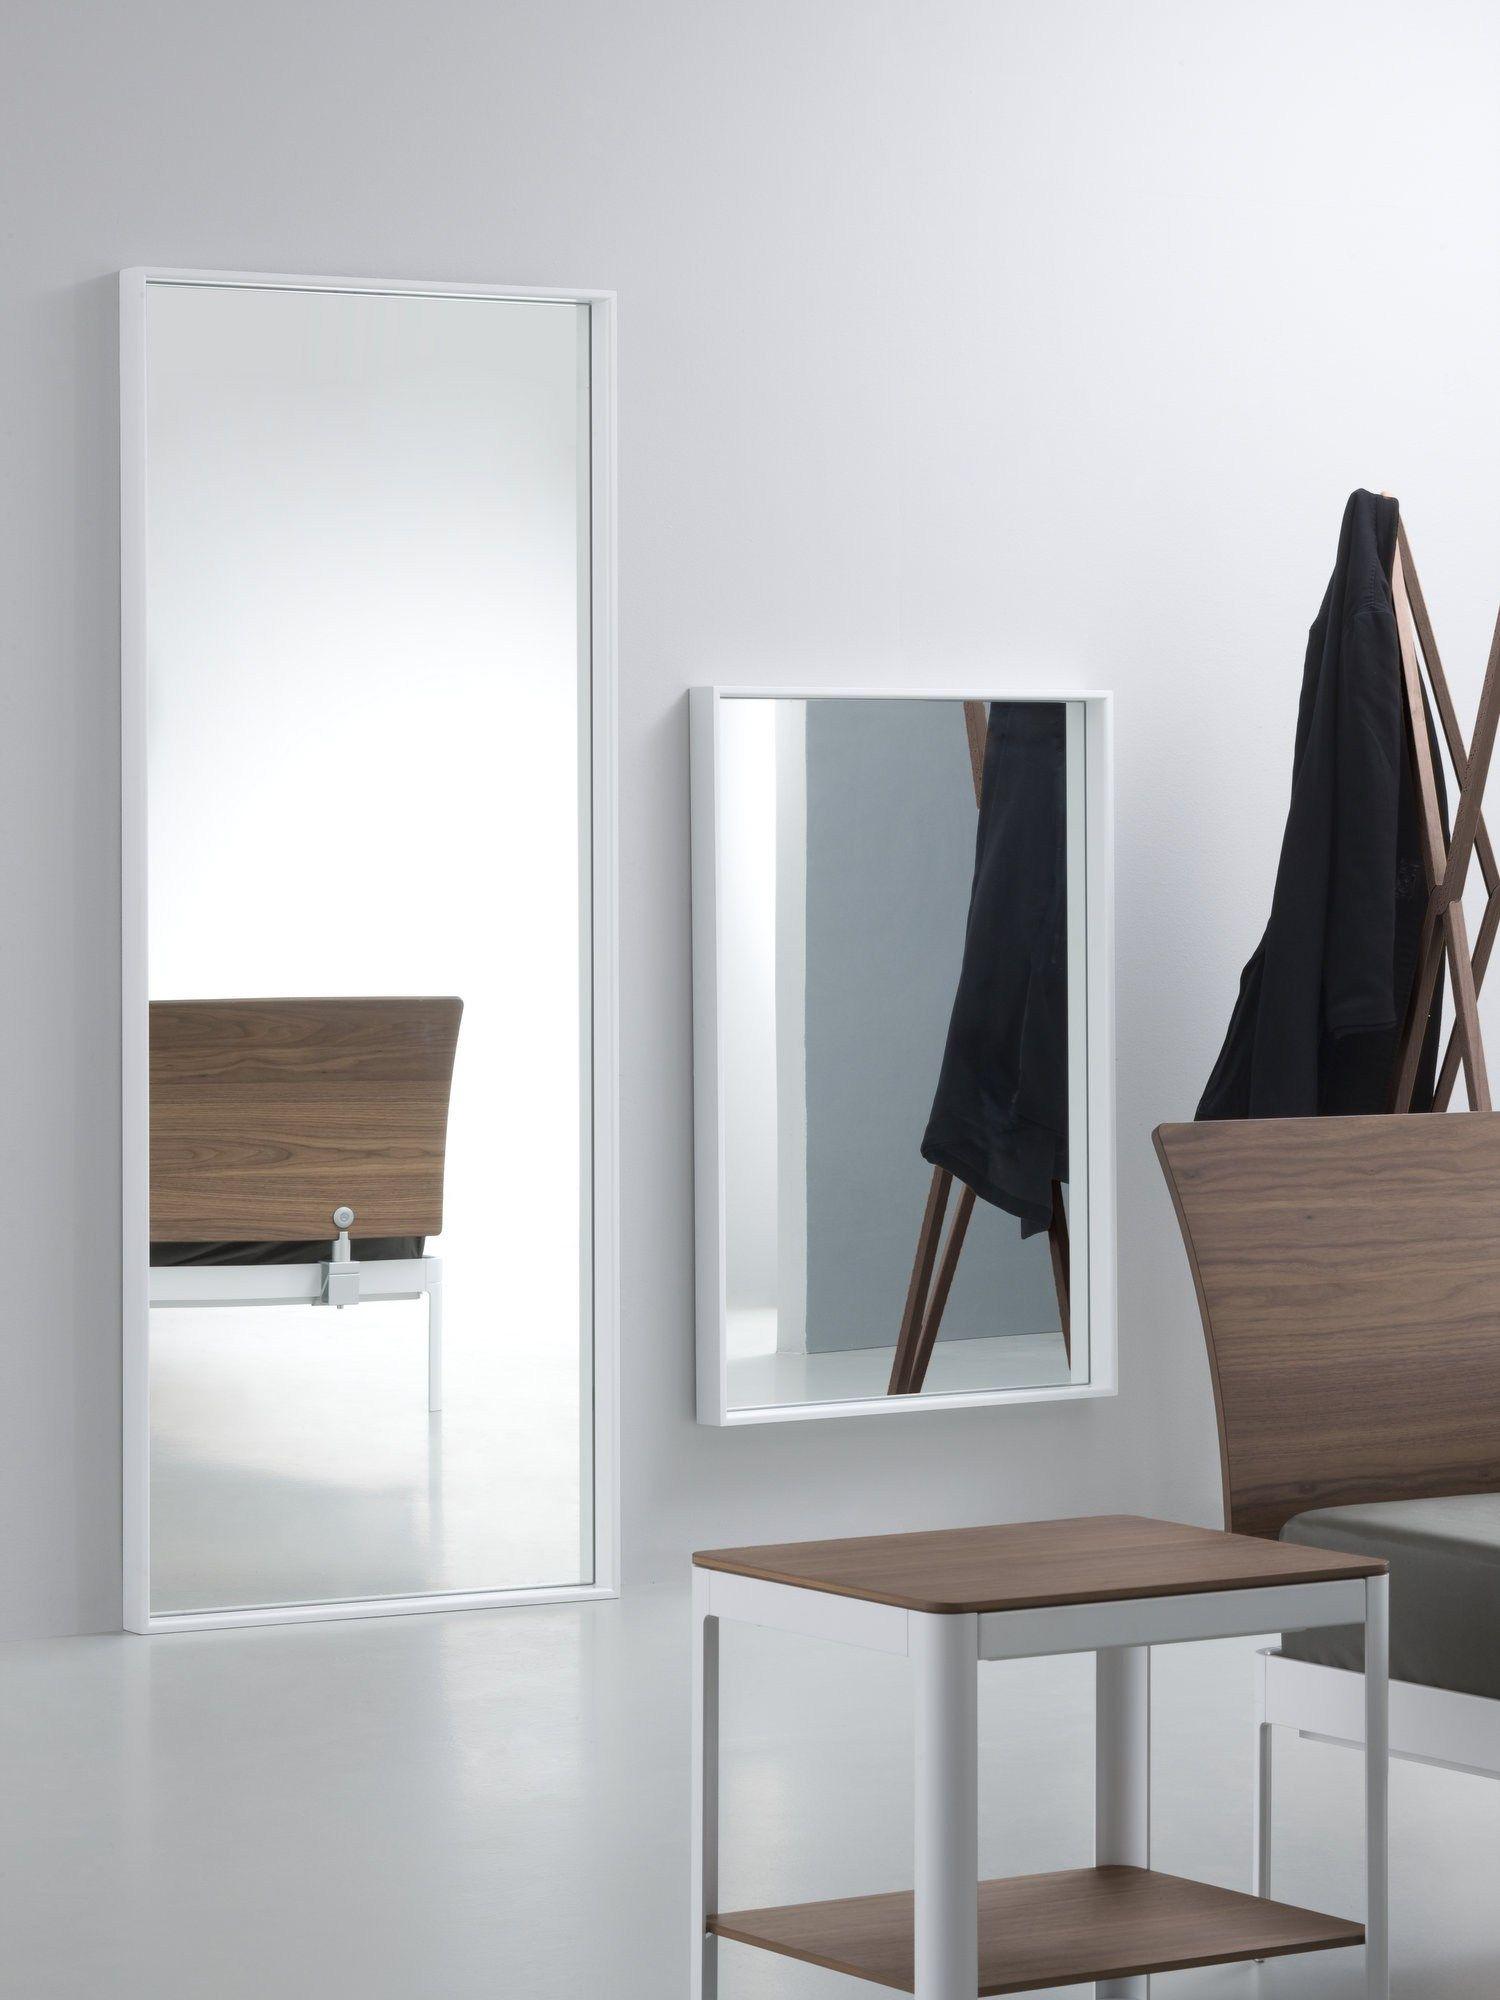 Specchio rettangolare a parete con cornice plane for me by - Specchio a parete ...